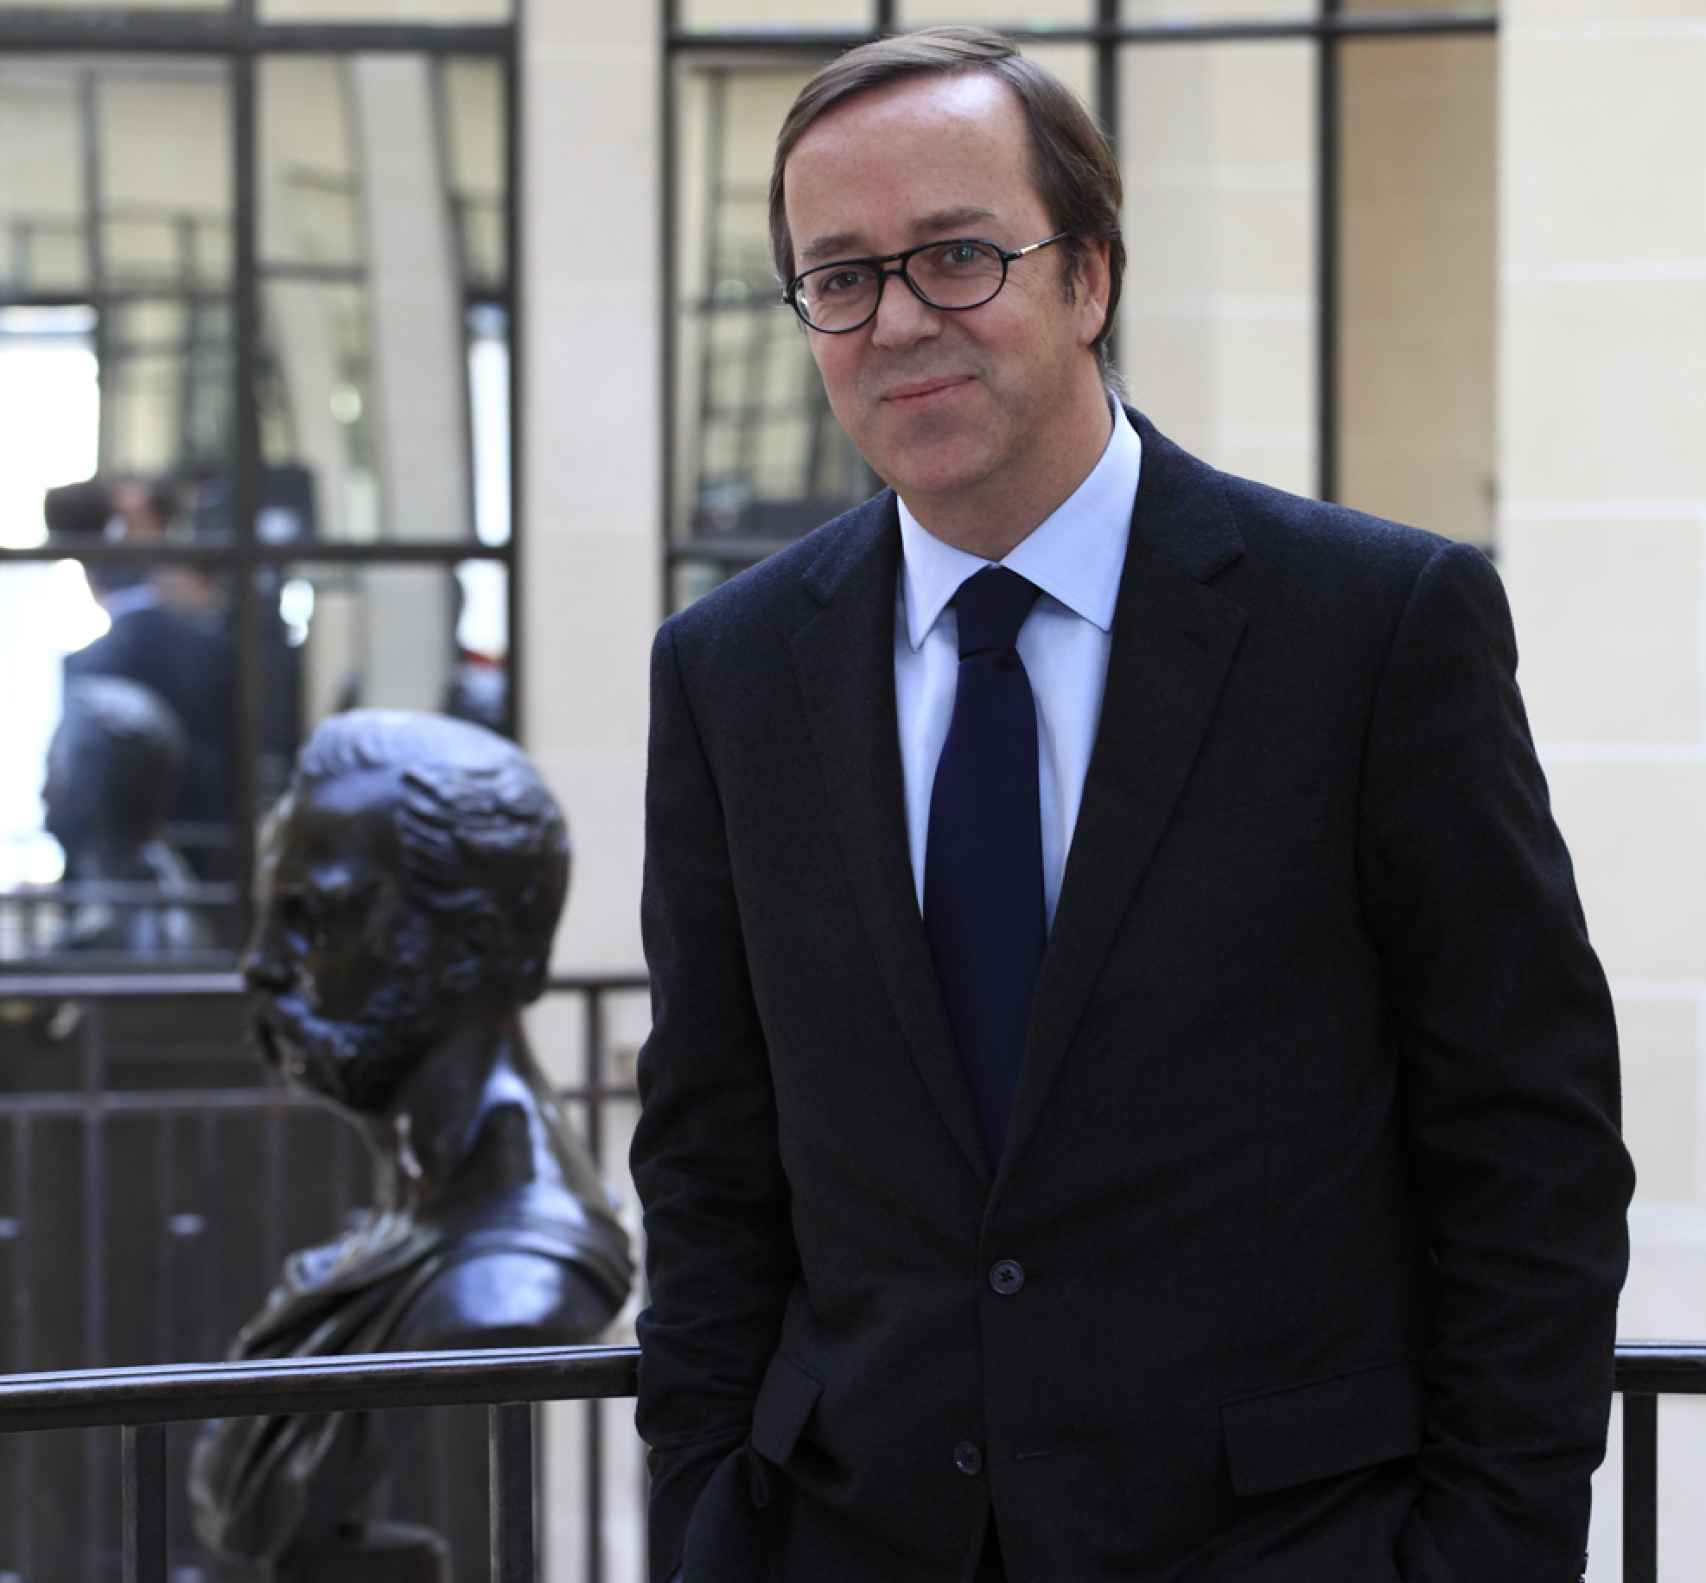 Frédéric Rouzaud, propietario y Director General de Louis Roederer.